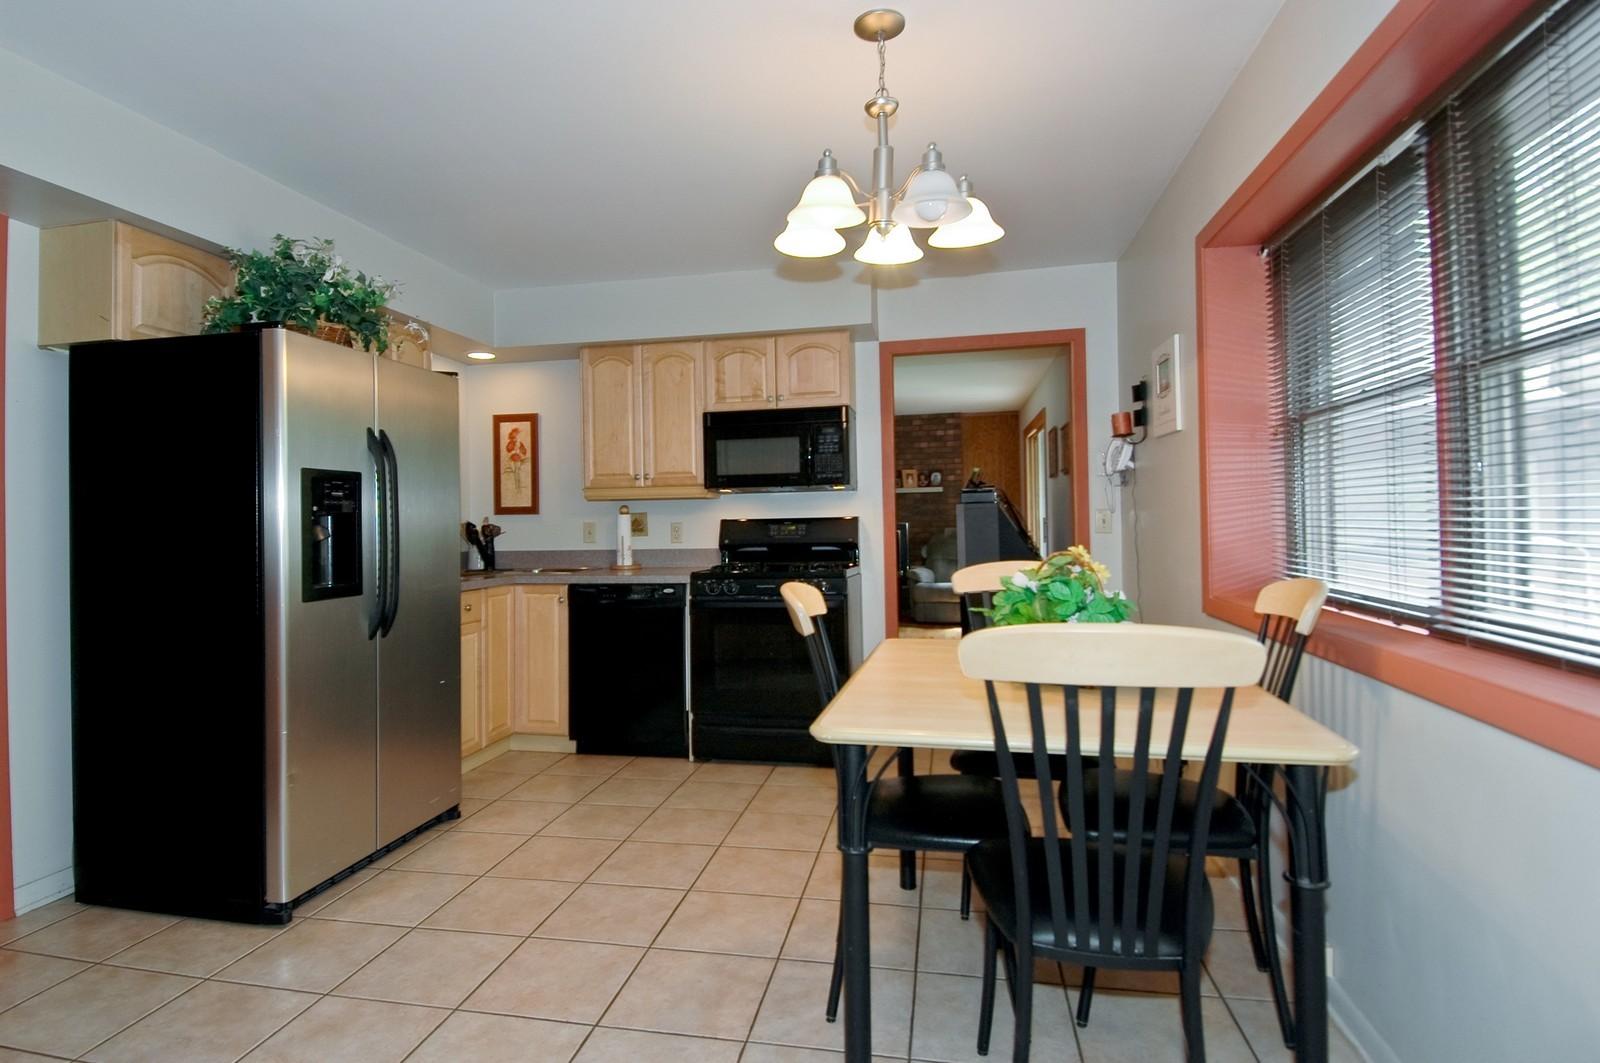 Real Estate Photography - 4409 Nancy, Crystal Lake, IL, 60014 - Kitchen